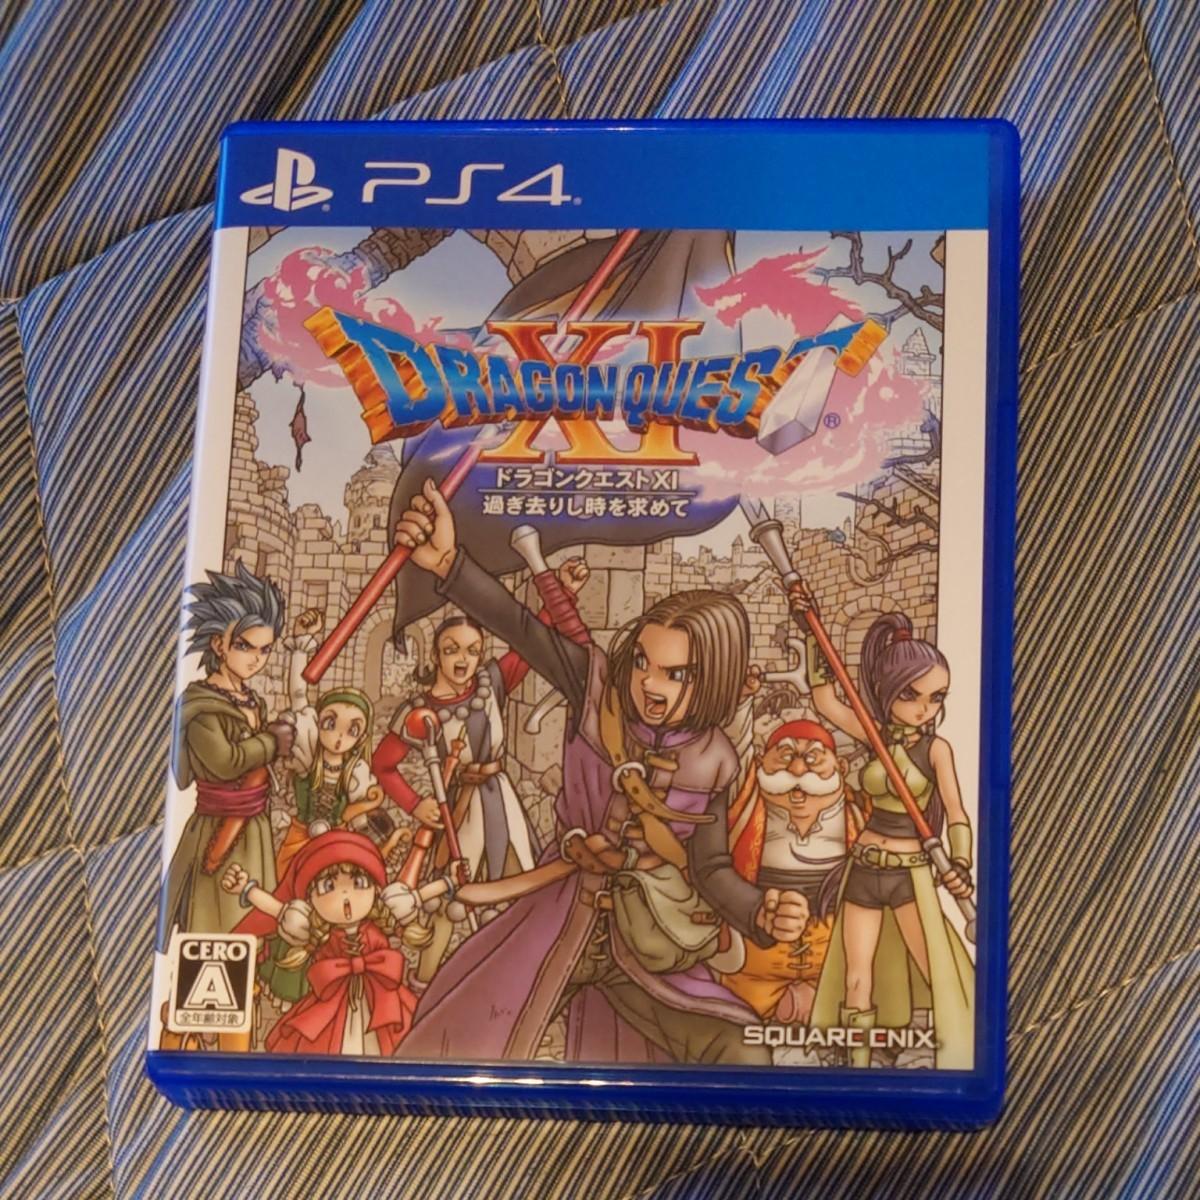 PS4 ドラゴンクエストXI過ぎ去りし時を求めて